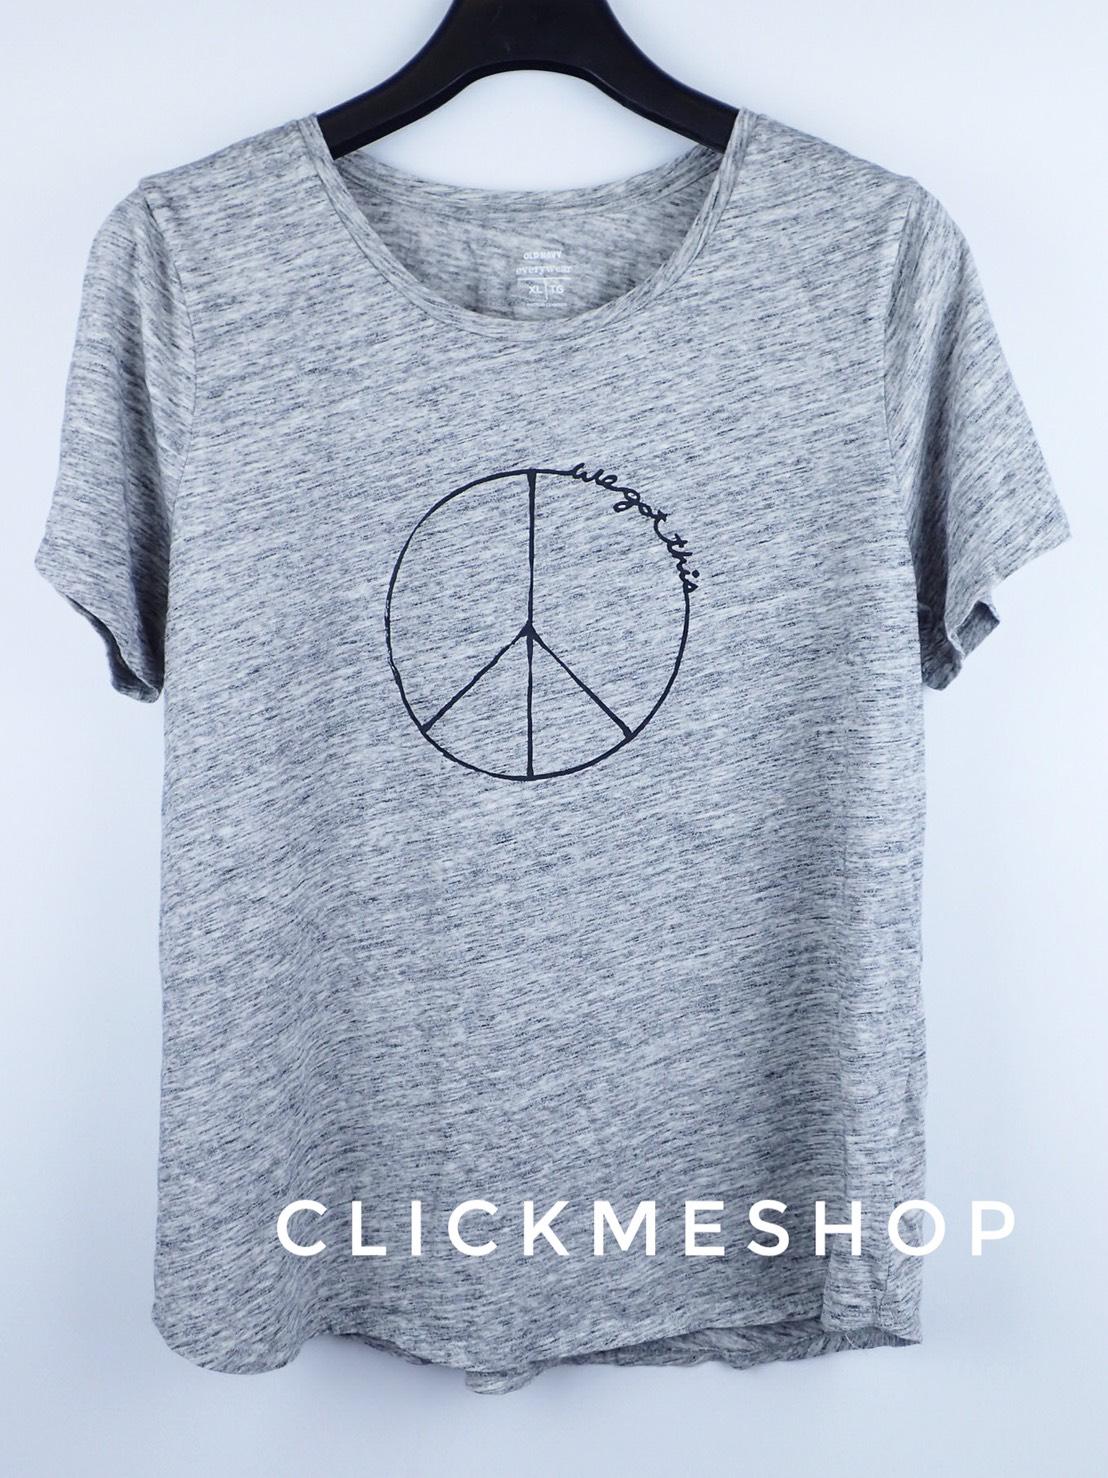 ( ไซส์ XL หน้าอก 44-46 นิ้ว) เสื้อยืด สีเทา ยี่ห้อ Oldnavy สกรีนลาย Peace สำเนา